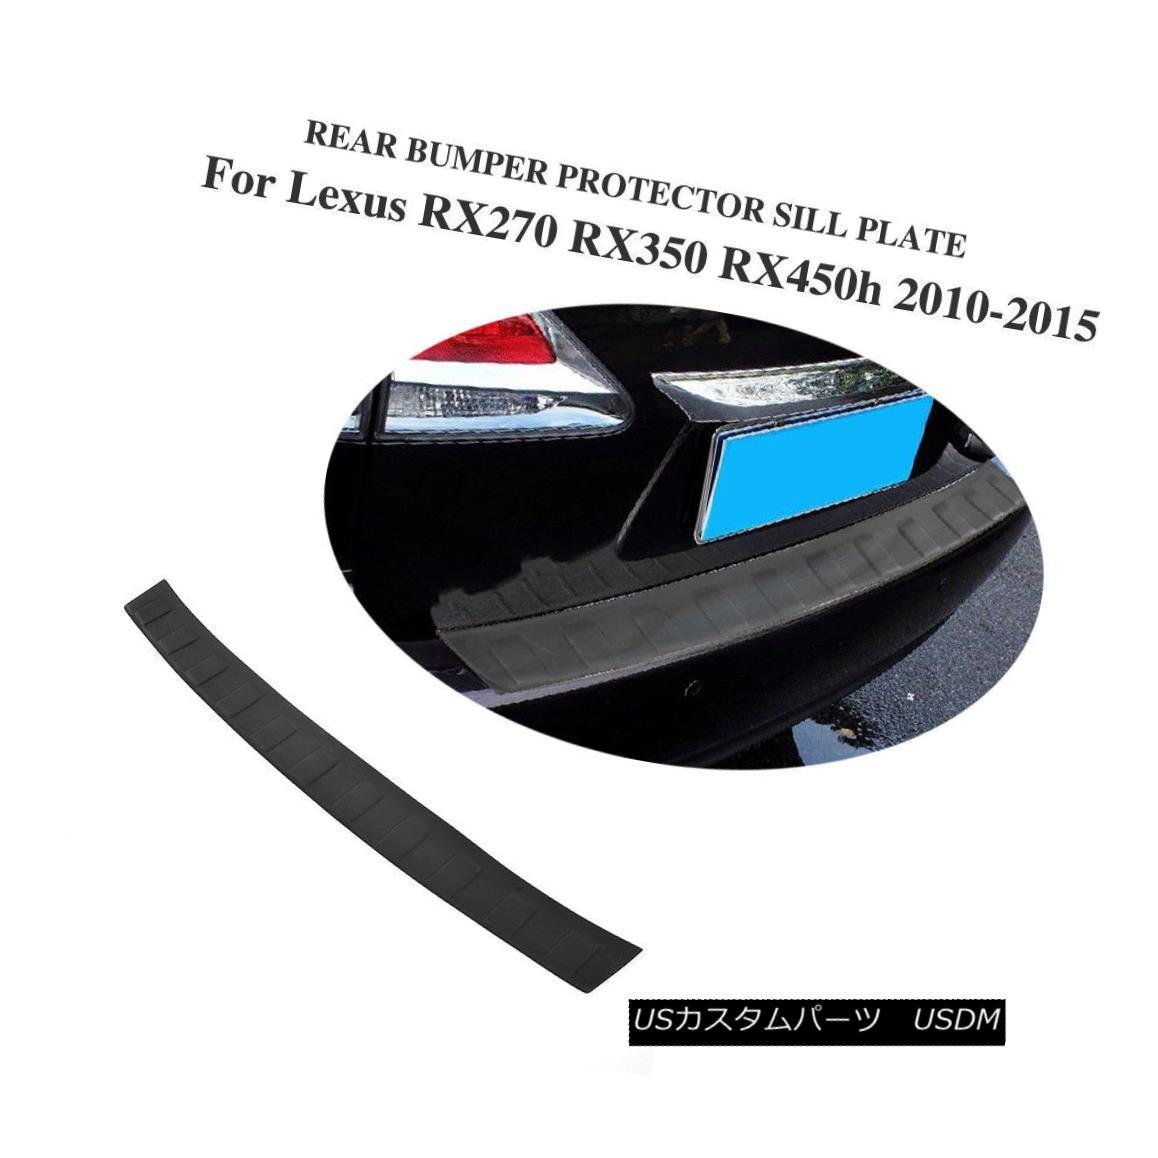 エアロパーツ Rear Bumper Protector Sill Plate Cover PU For Lexus RX270 RX350 RX450H 4dr 10-15 リアバンパープロテクターシルプレートカバーPUレクサス用RX270 RX350 RX450H 4dr用10-15